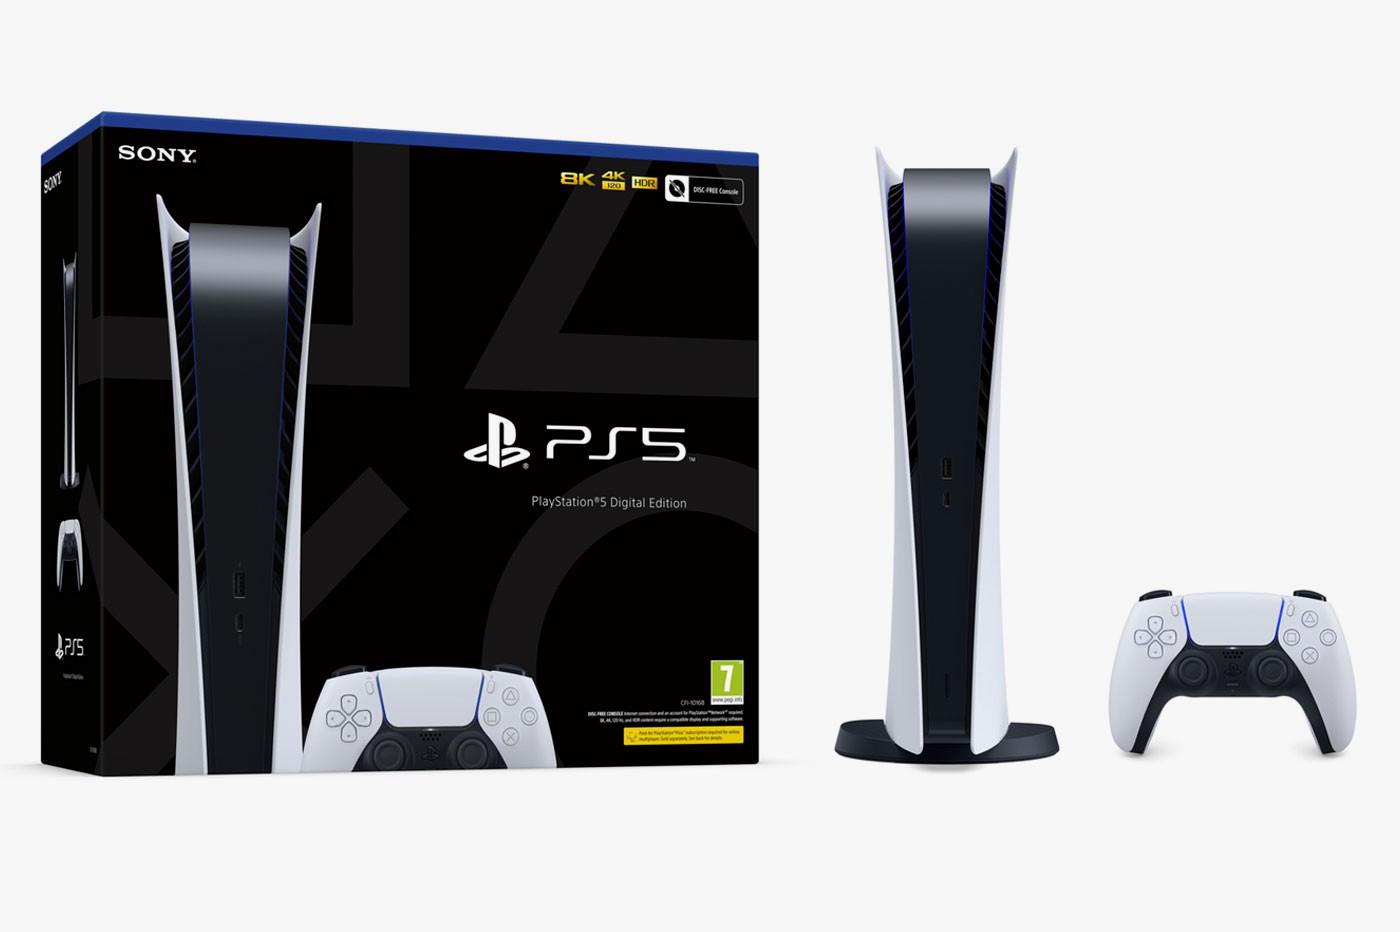 新的PS5照片展示了索尼的下一代大型游戏机将有多大